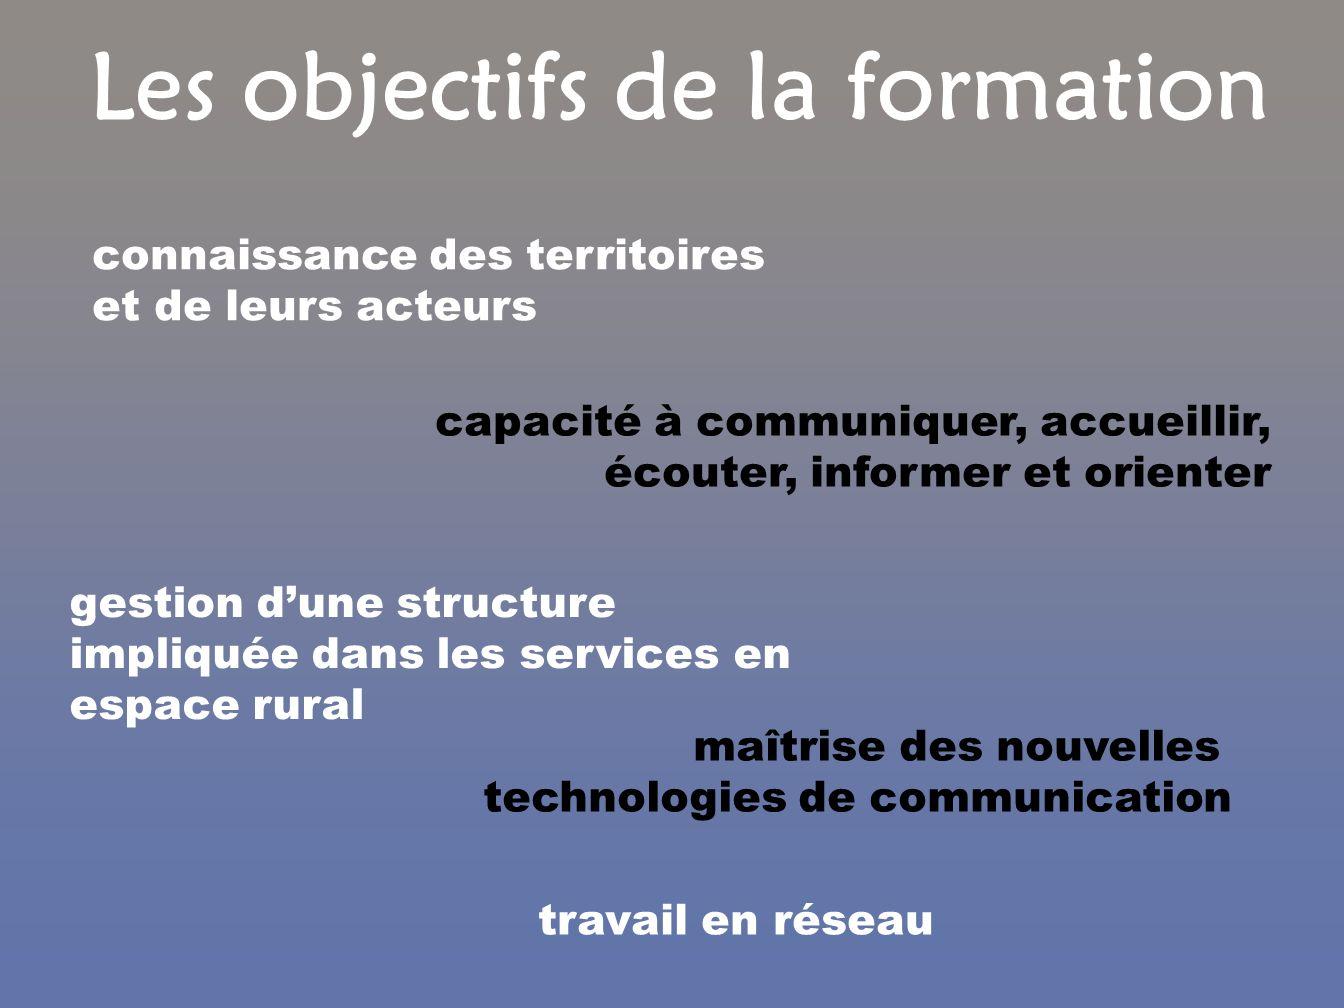 connaissance des territoires et de leurs acteurs travail en réseau maîtrise des nouvelles technologies de communication gestion dune structure impliqu